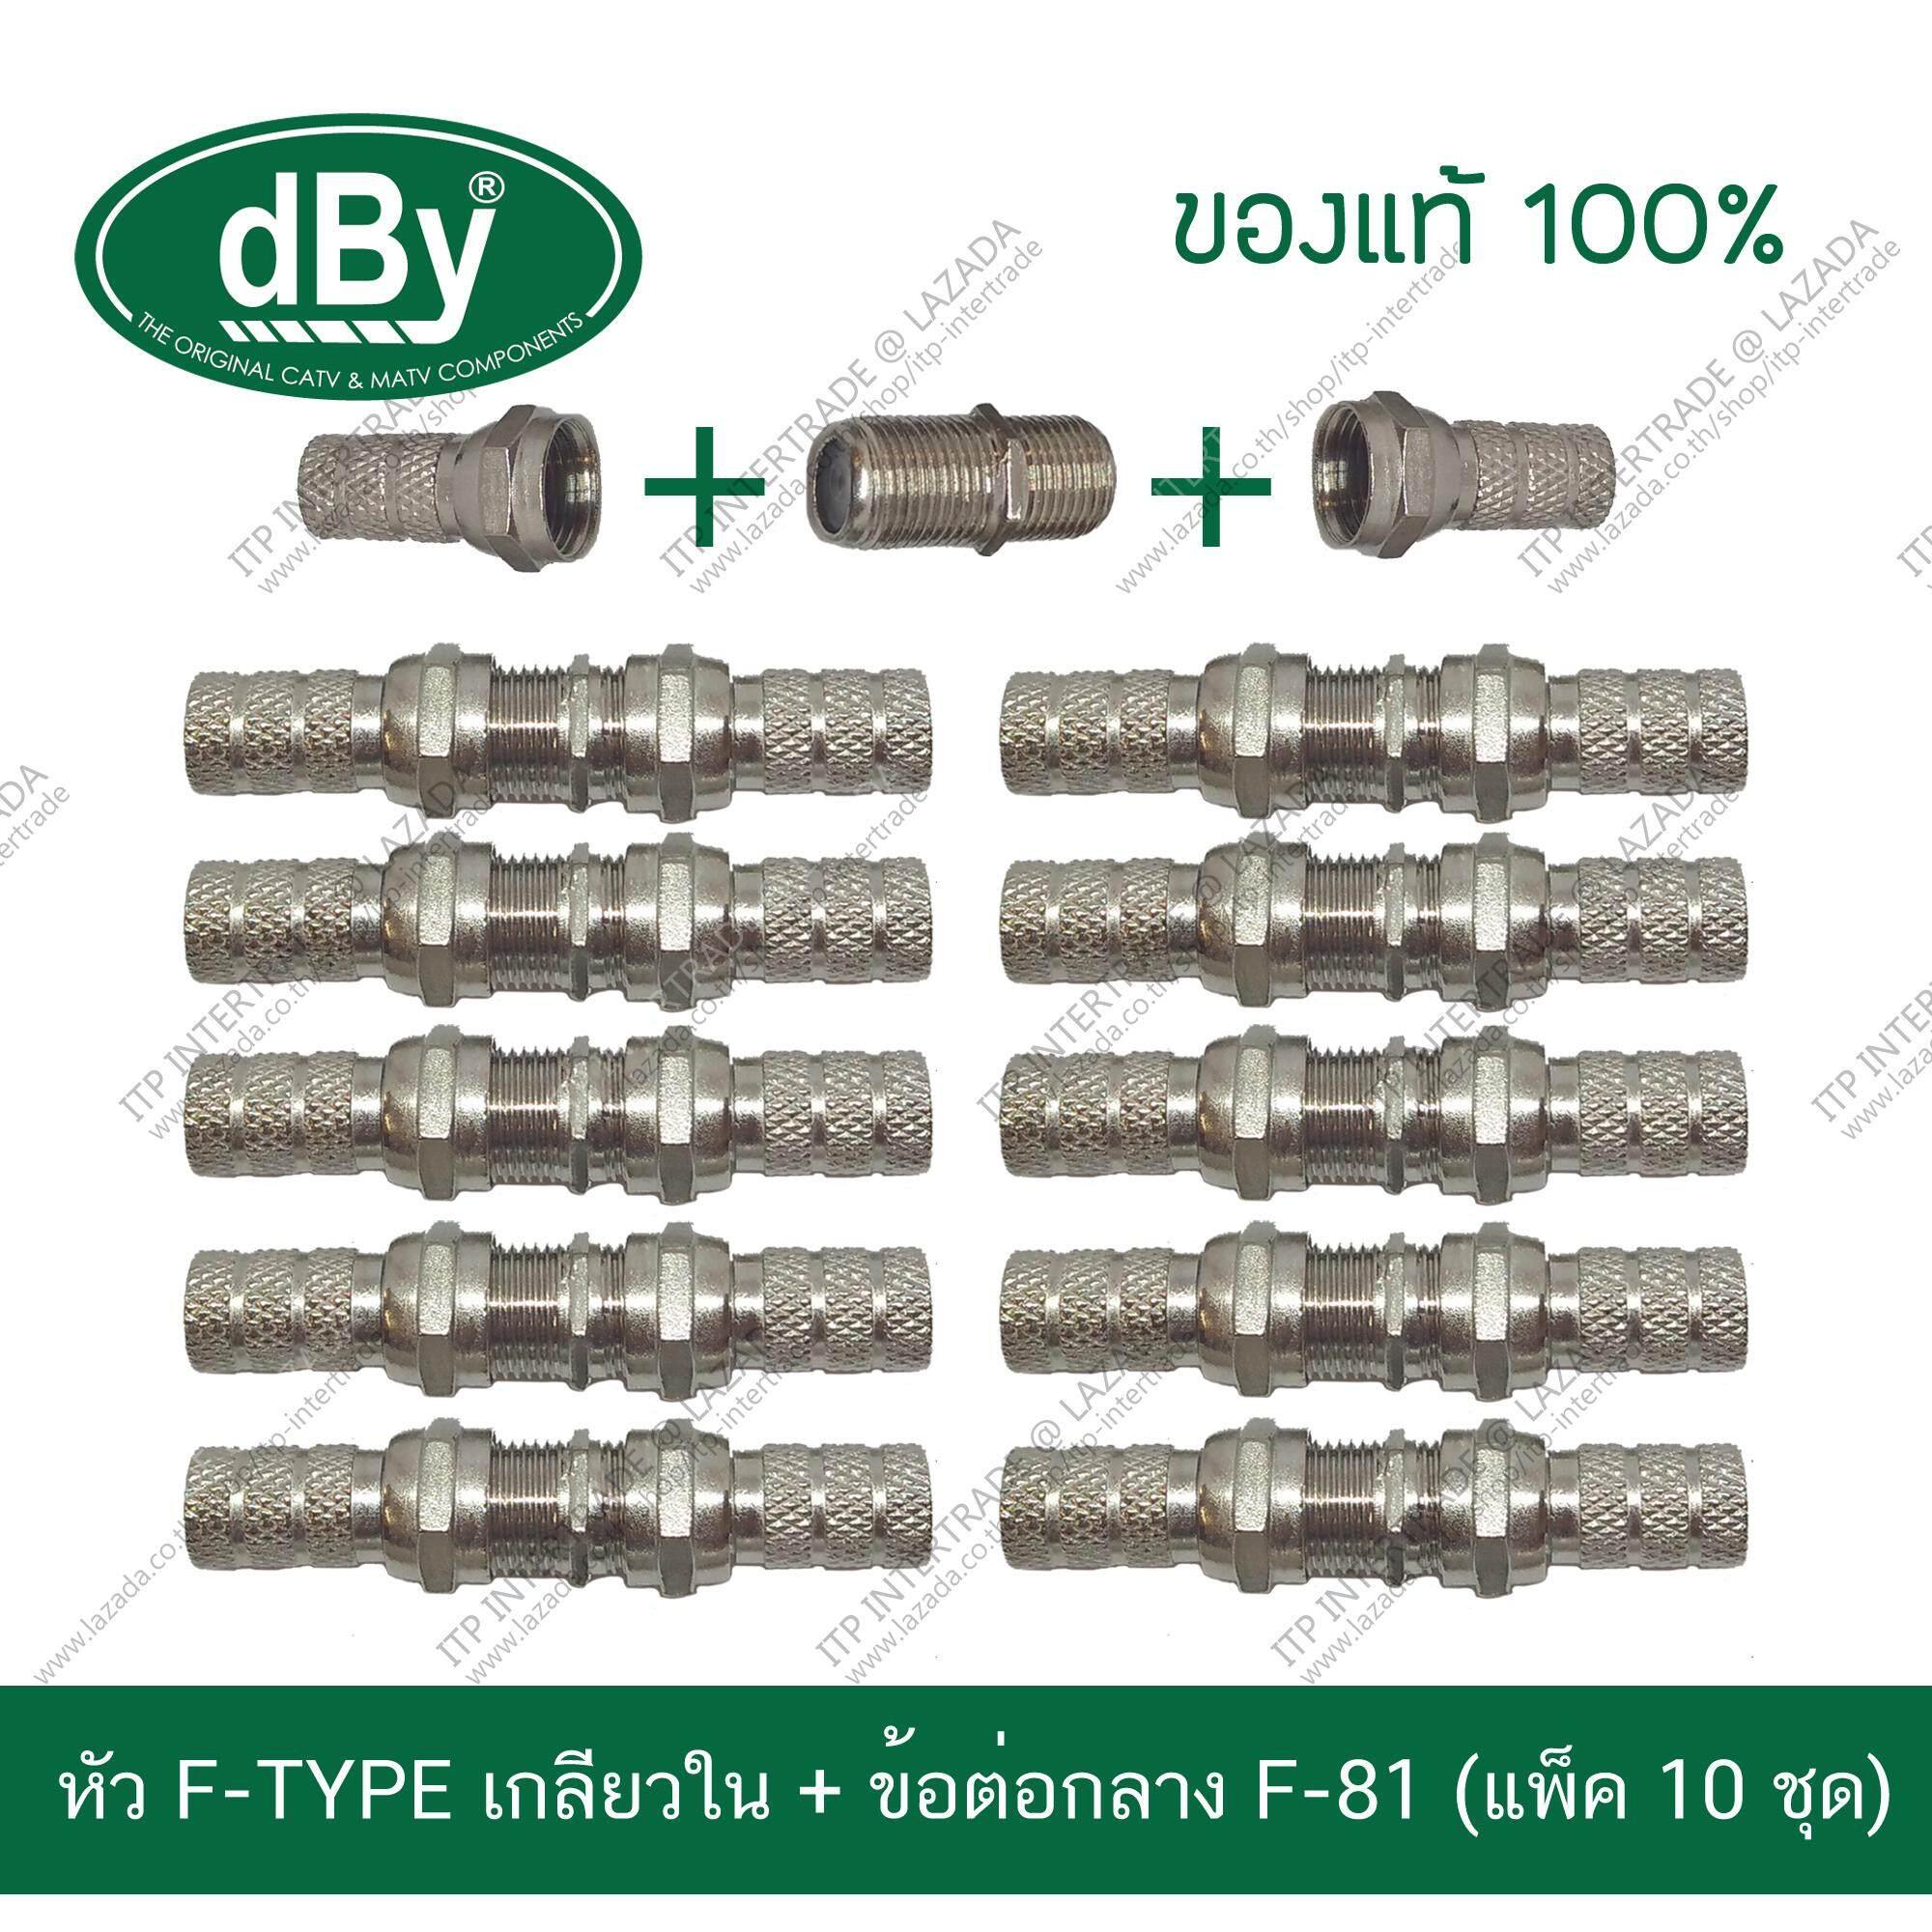 [แพ็ค10ชุด] dBy Connector ชุดหัว F-TYPE แบบหมุนเกลียวใน + ข้อต่อกลาง F-81 แบ่งขาย (ส่ง kerry ฟรี)